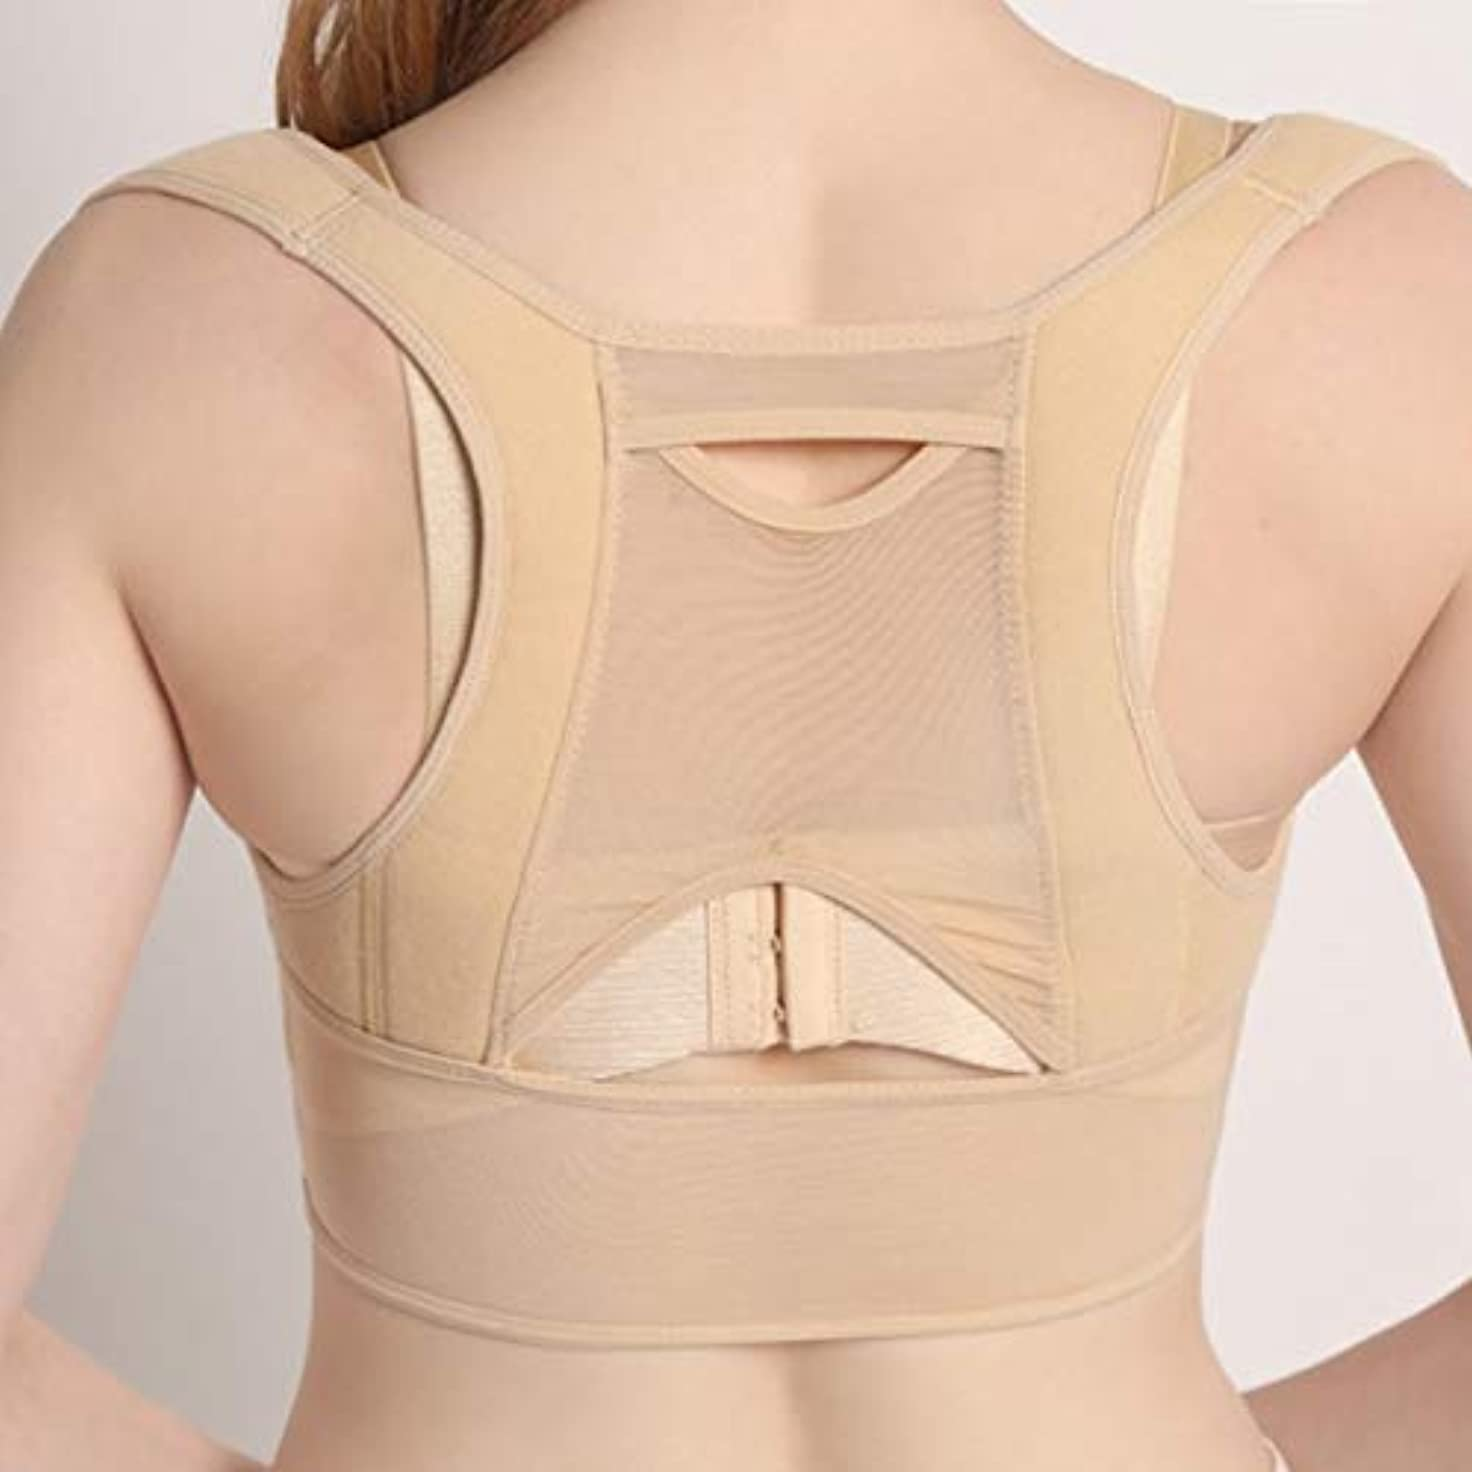 神社マザーランド狭い通気性のある女性の背部姿勢補正コルセット整形外科の背部肩背骨姿勢補正器腰部サポート-ベージュホワイトL